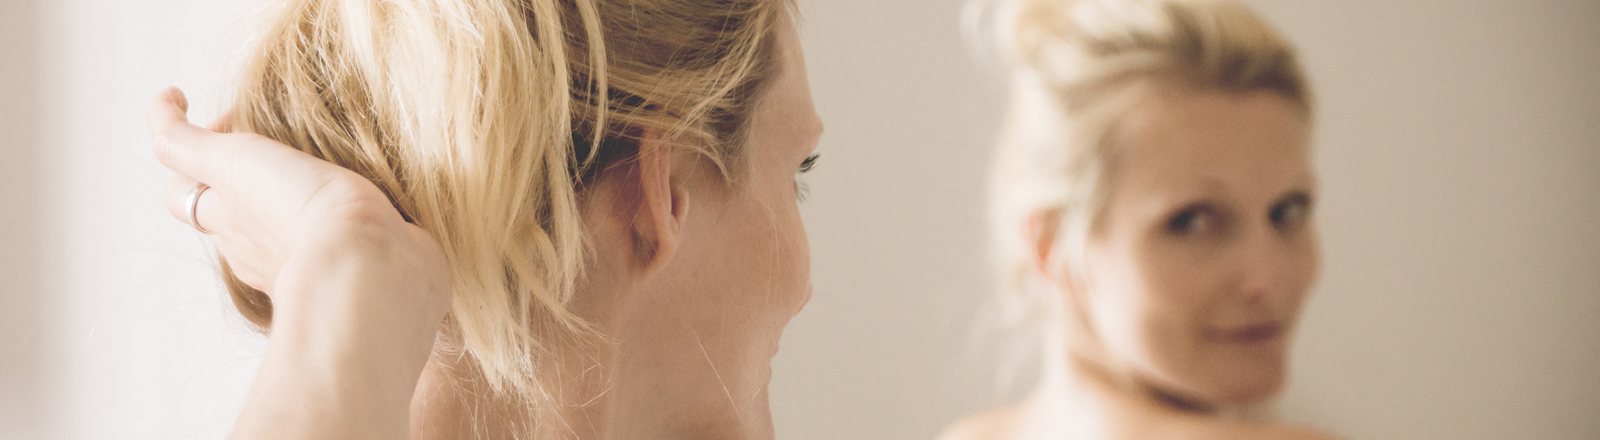 Eine freu betrachtet ihr Spiegelbild